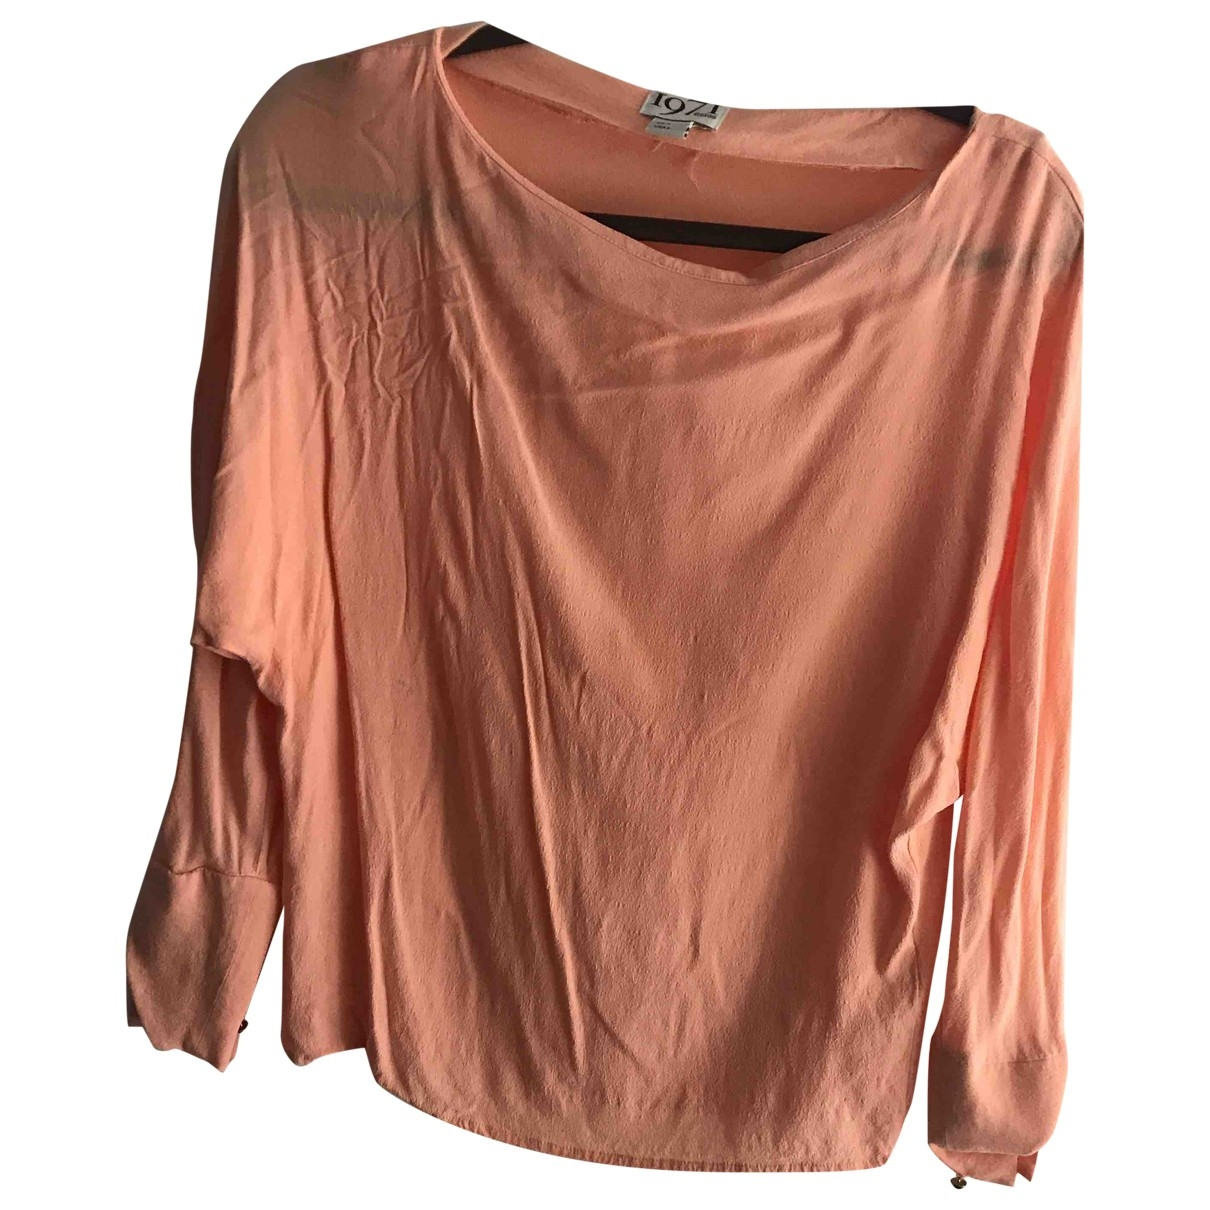 Reiss - Top   pour femme en soie